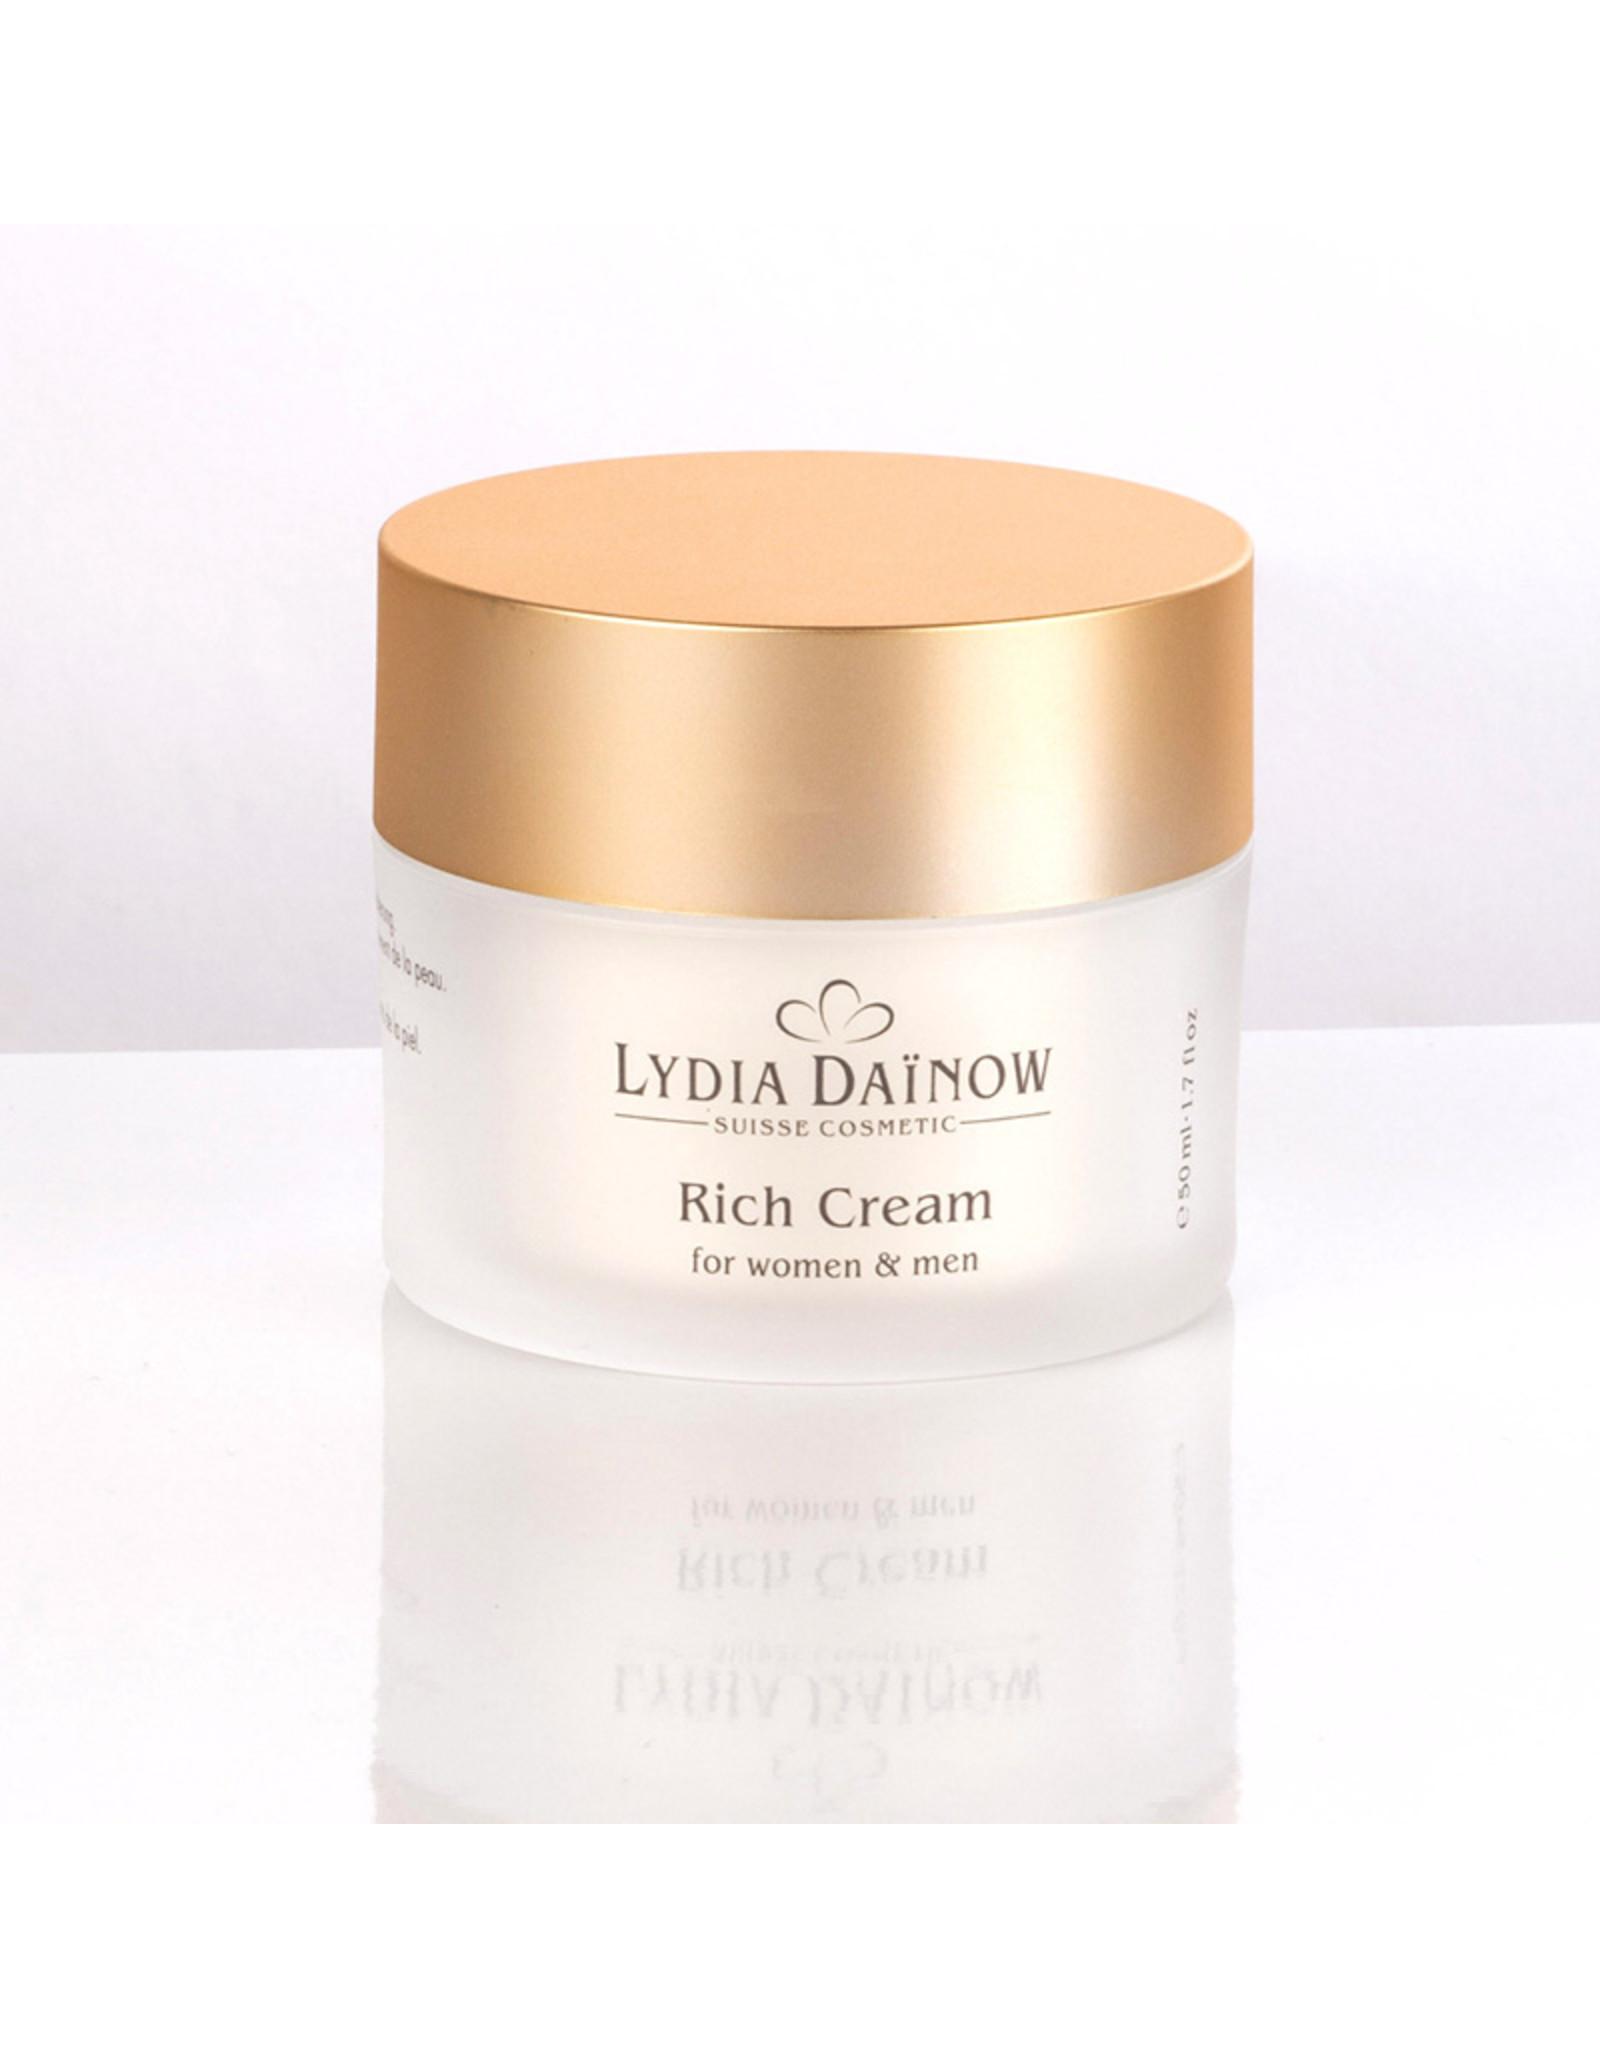 Lydïa Dainow Evolution Rich Cream